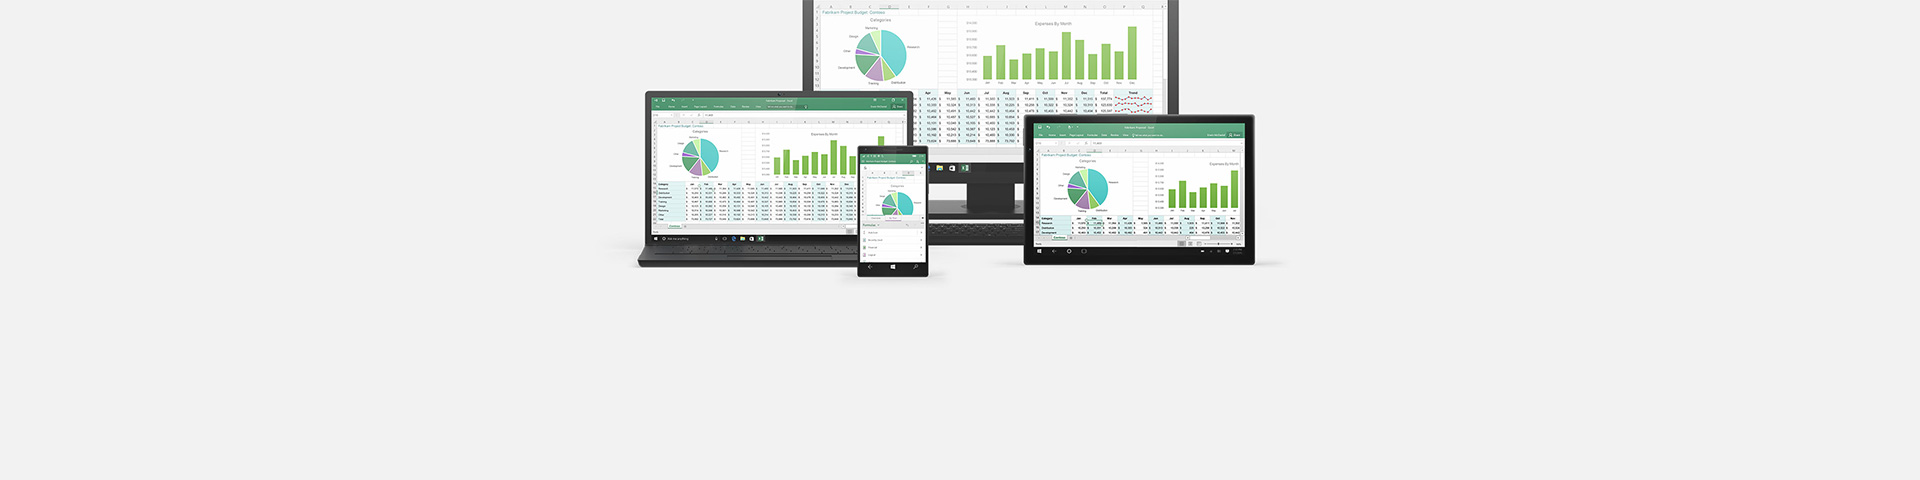 Diversi tipi di dispositivi, scopri di più su Office 365